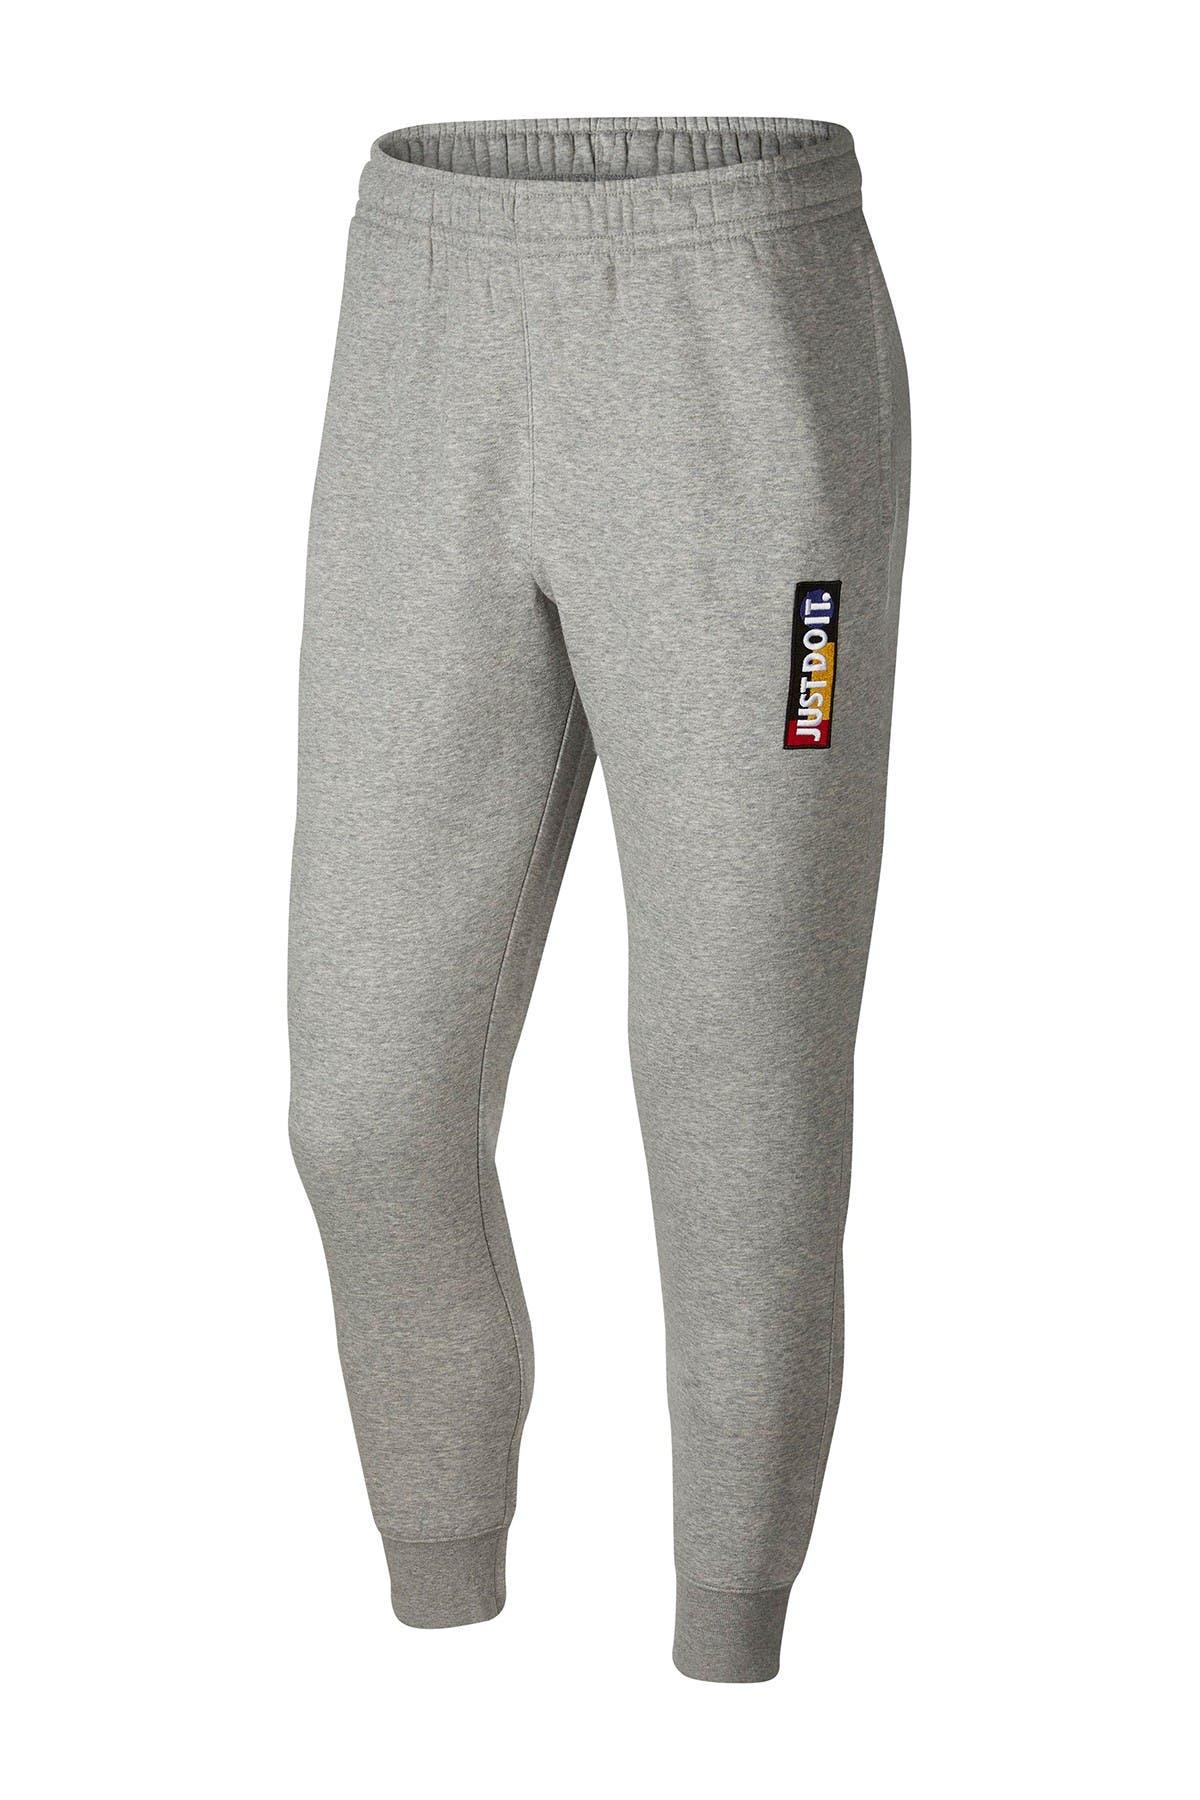 Image of Nike Fleece 365 Jogger Pants